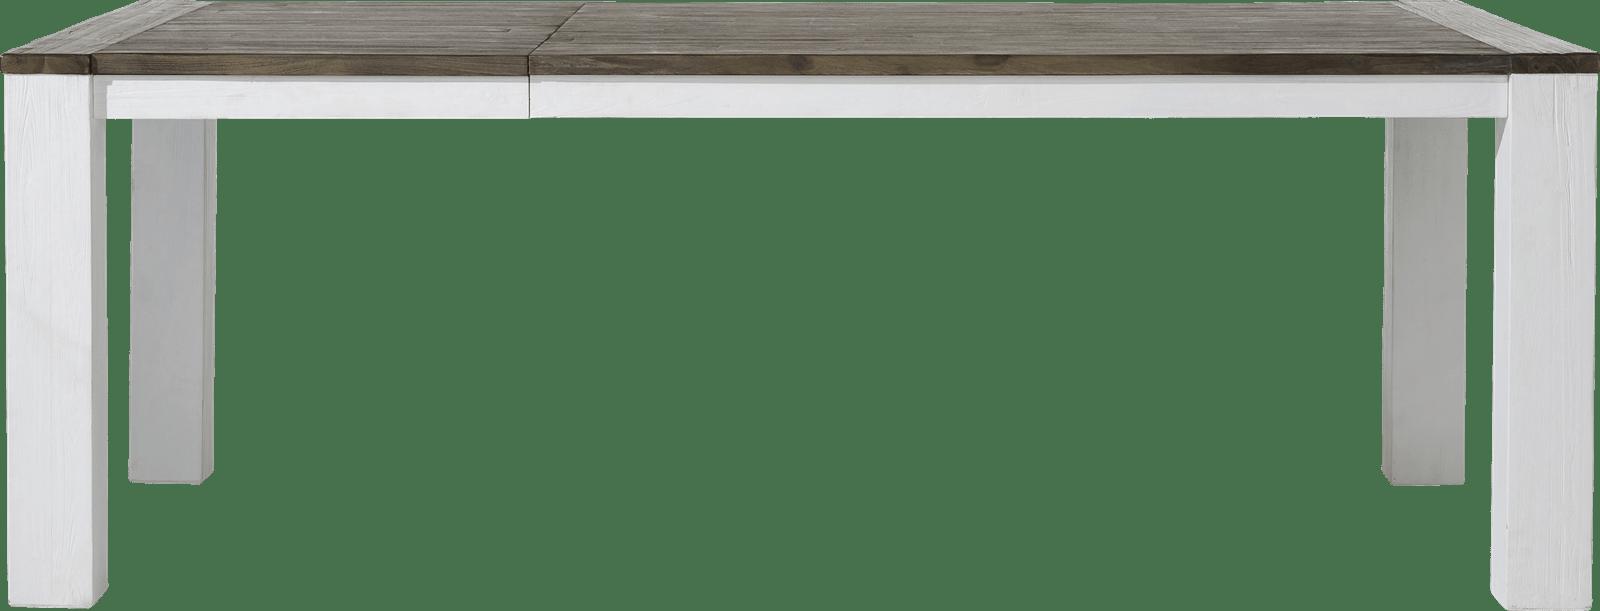 Happy@Home - Deaumain - uitschuiftafel 160 (+ 60) x 100 cm